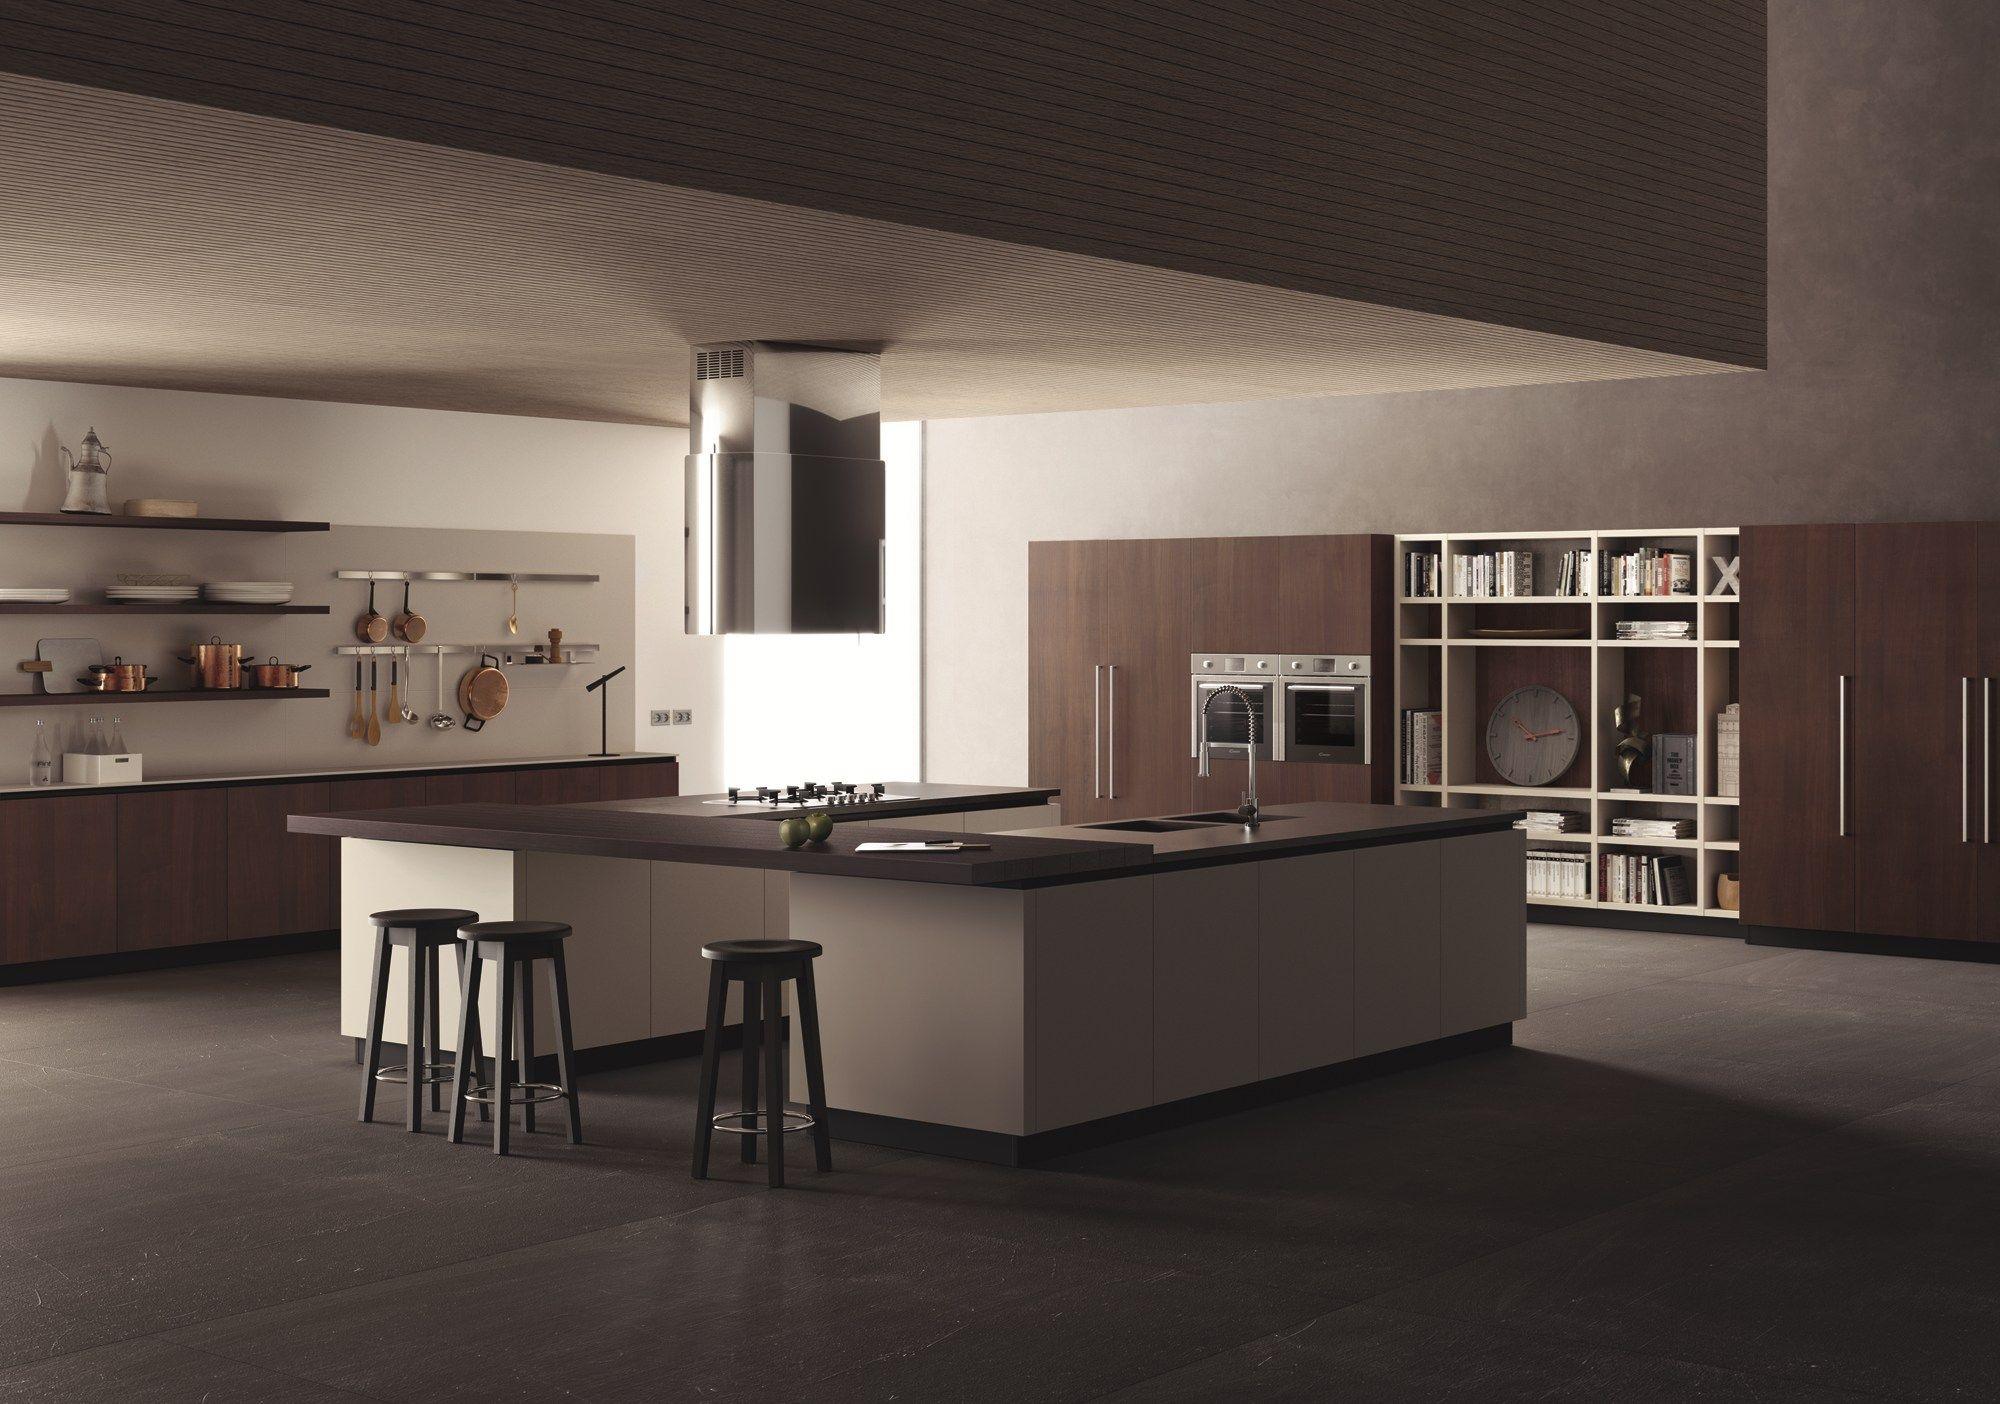 Fitted kitchen liberamente scavolini line by scavolini design vuesse design - Kitchens scavolini ...